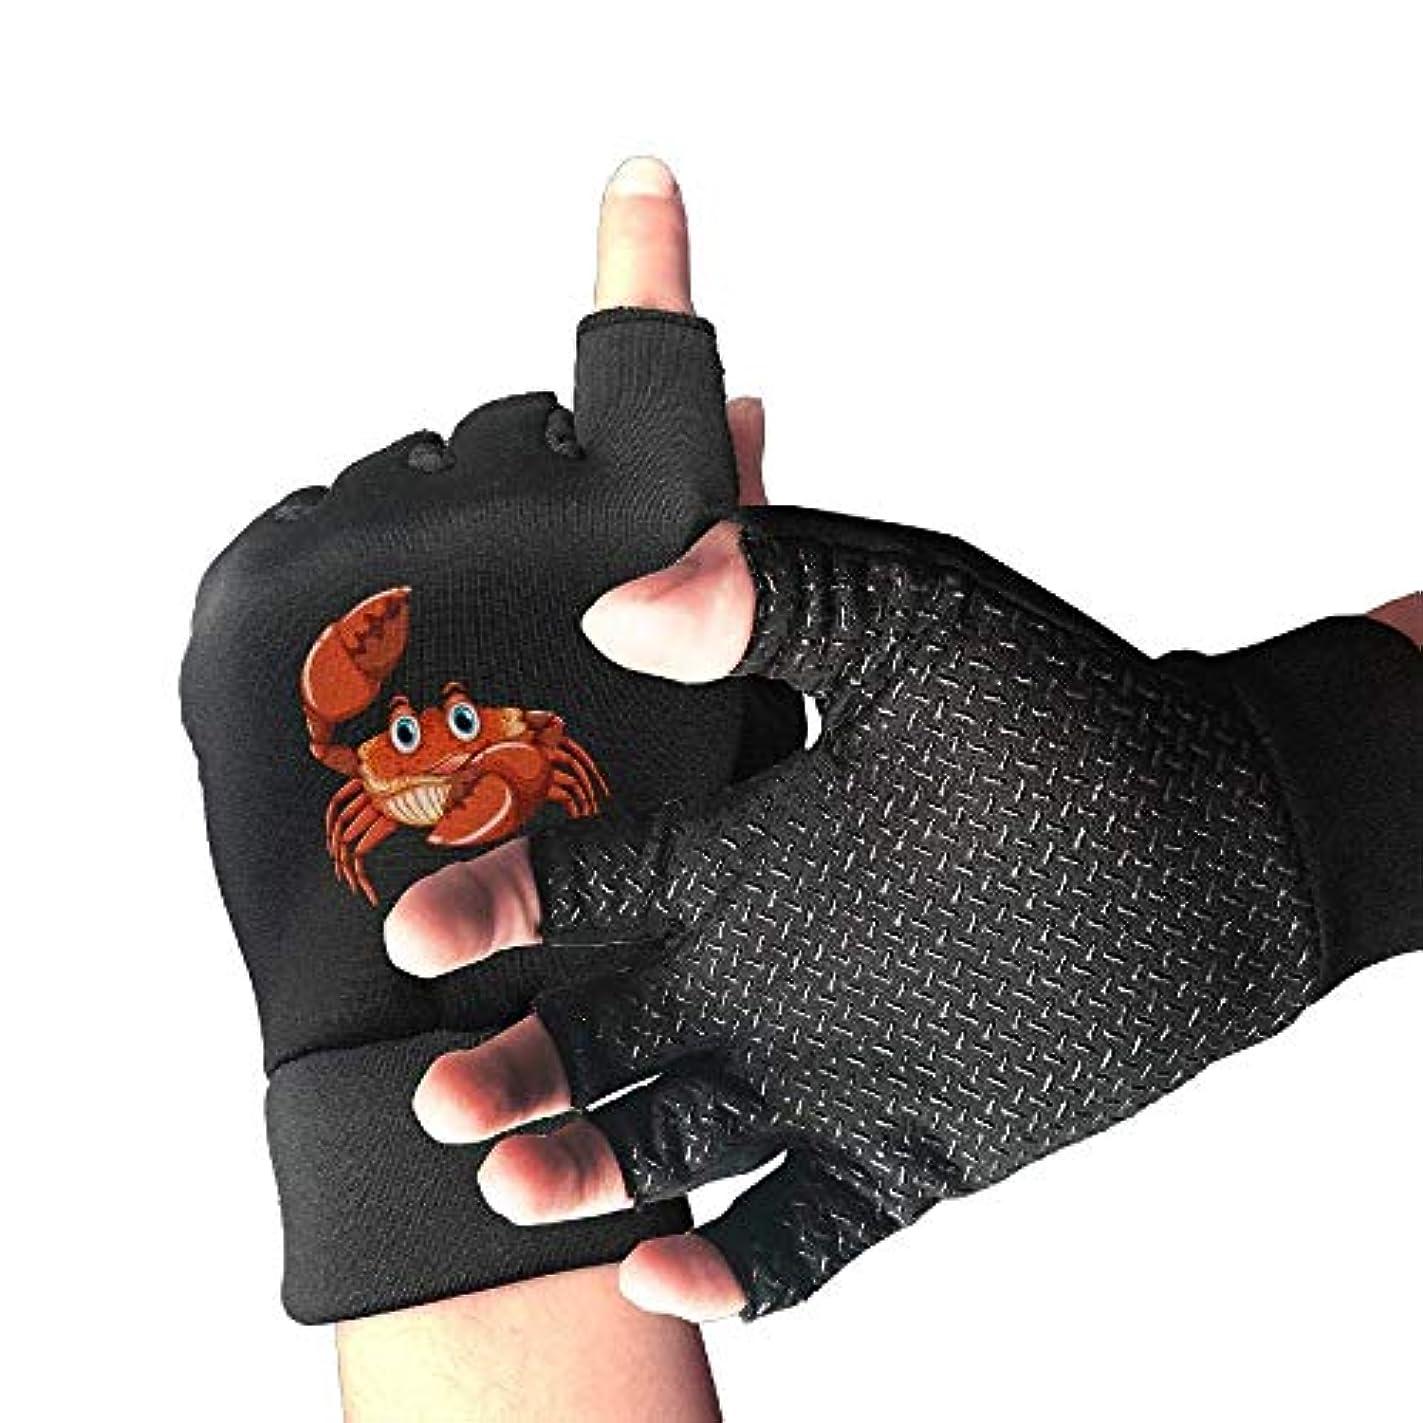 タービンその結果知るサイクリング手袋漫画カニ男性/女性のマウンテンバイクの手袋ハーフフィンガースリップ防止オートバイの手袋